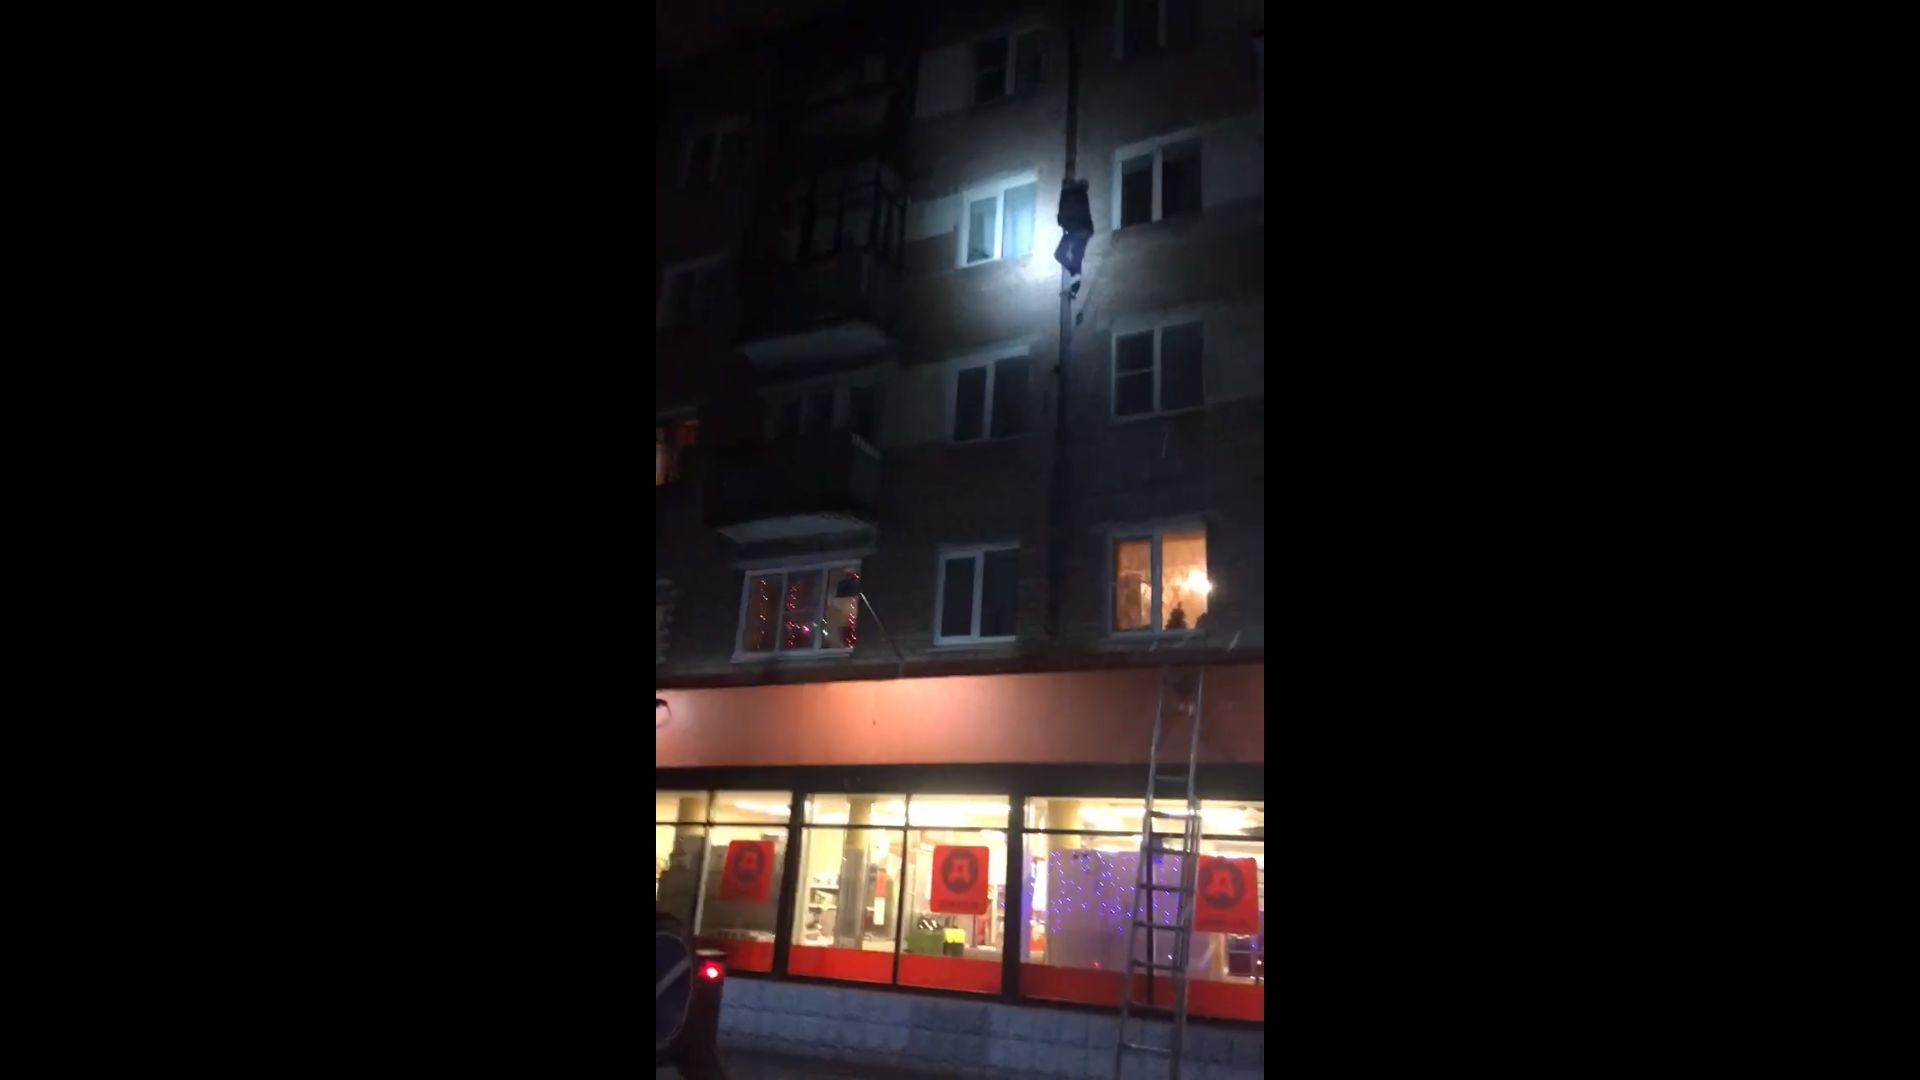 «Человек-паук»: в Ярославле спасатели снимали «героя» со стены дома - видео